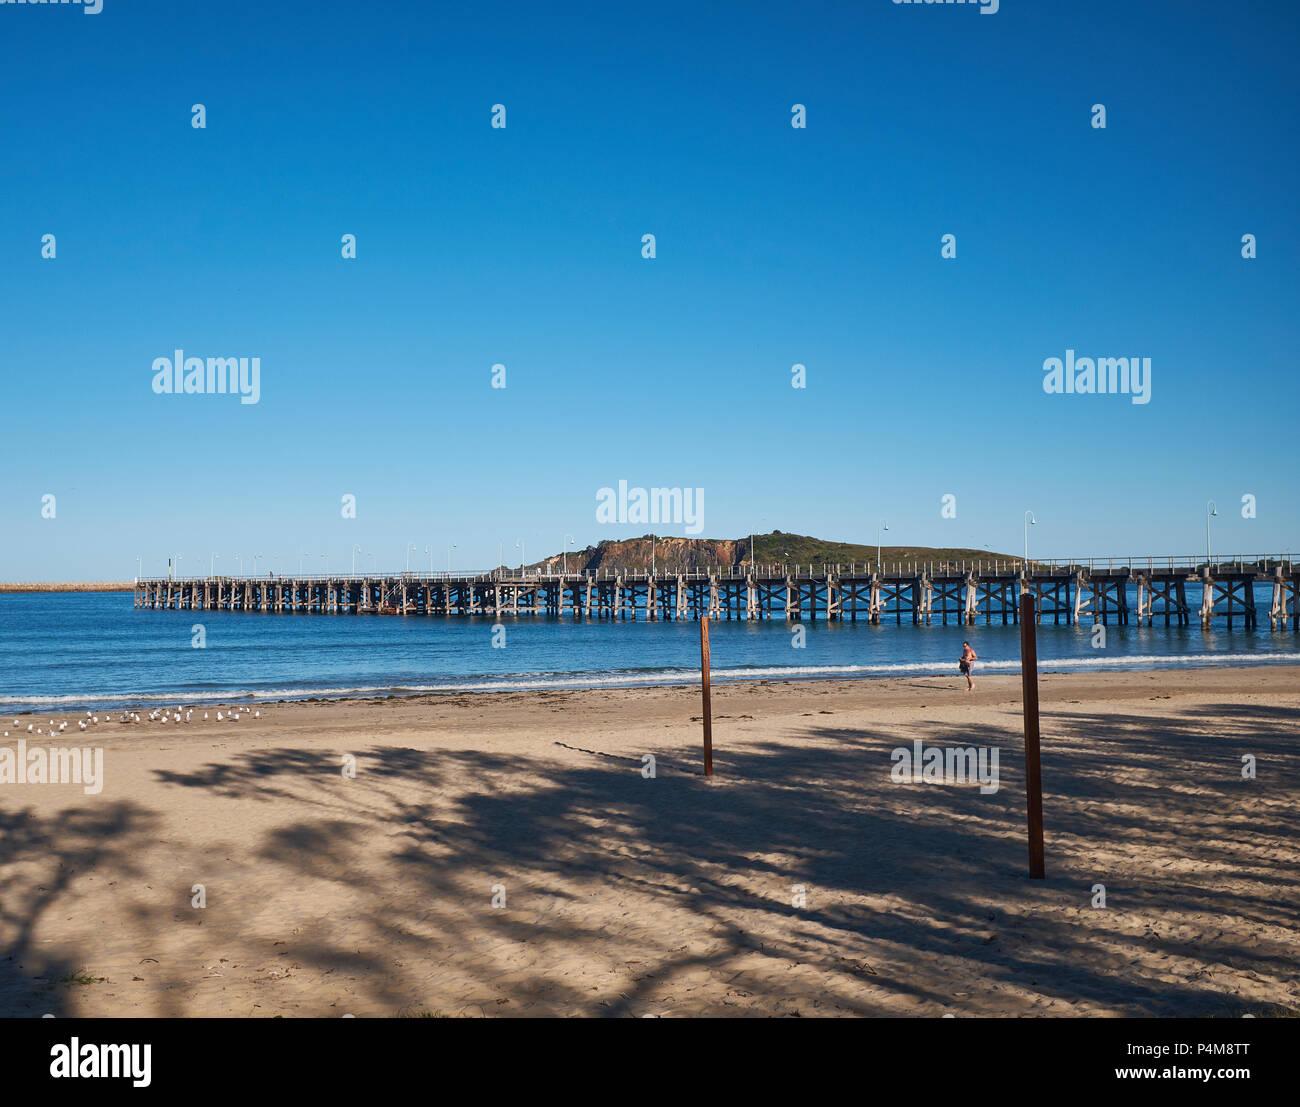 Vue de la jetée en bois de la jetée Plage avec Muttonbird Island dans l'arrière-plan avec un ciel sans nuages, Coffs Harbour, Nouvelle-Galles du Sud, Australie Photo Stock